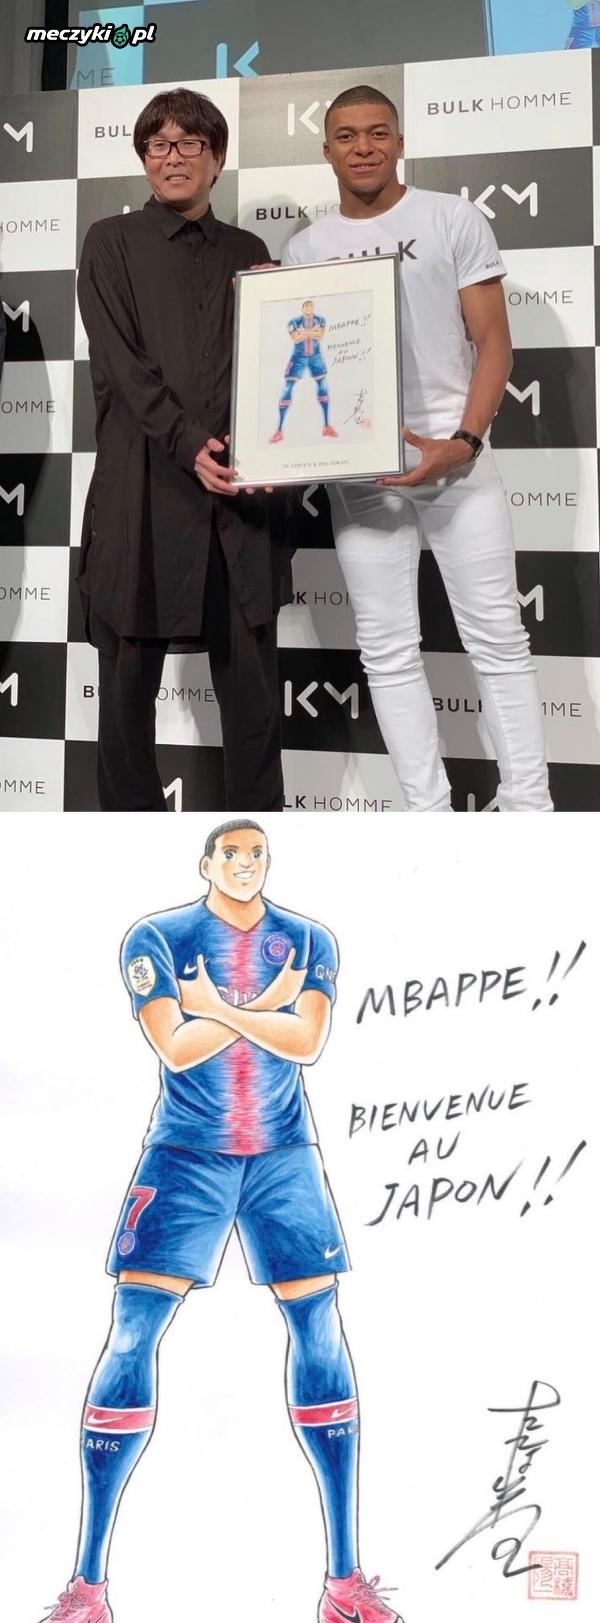 Kylian Mbappe dostał prezent od twórcy Tsubasy - Yōichi Takahashiego